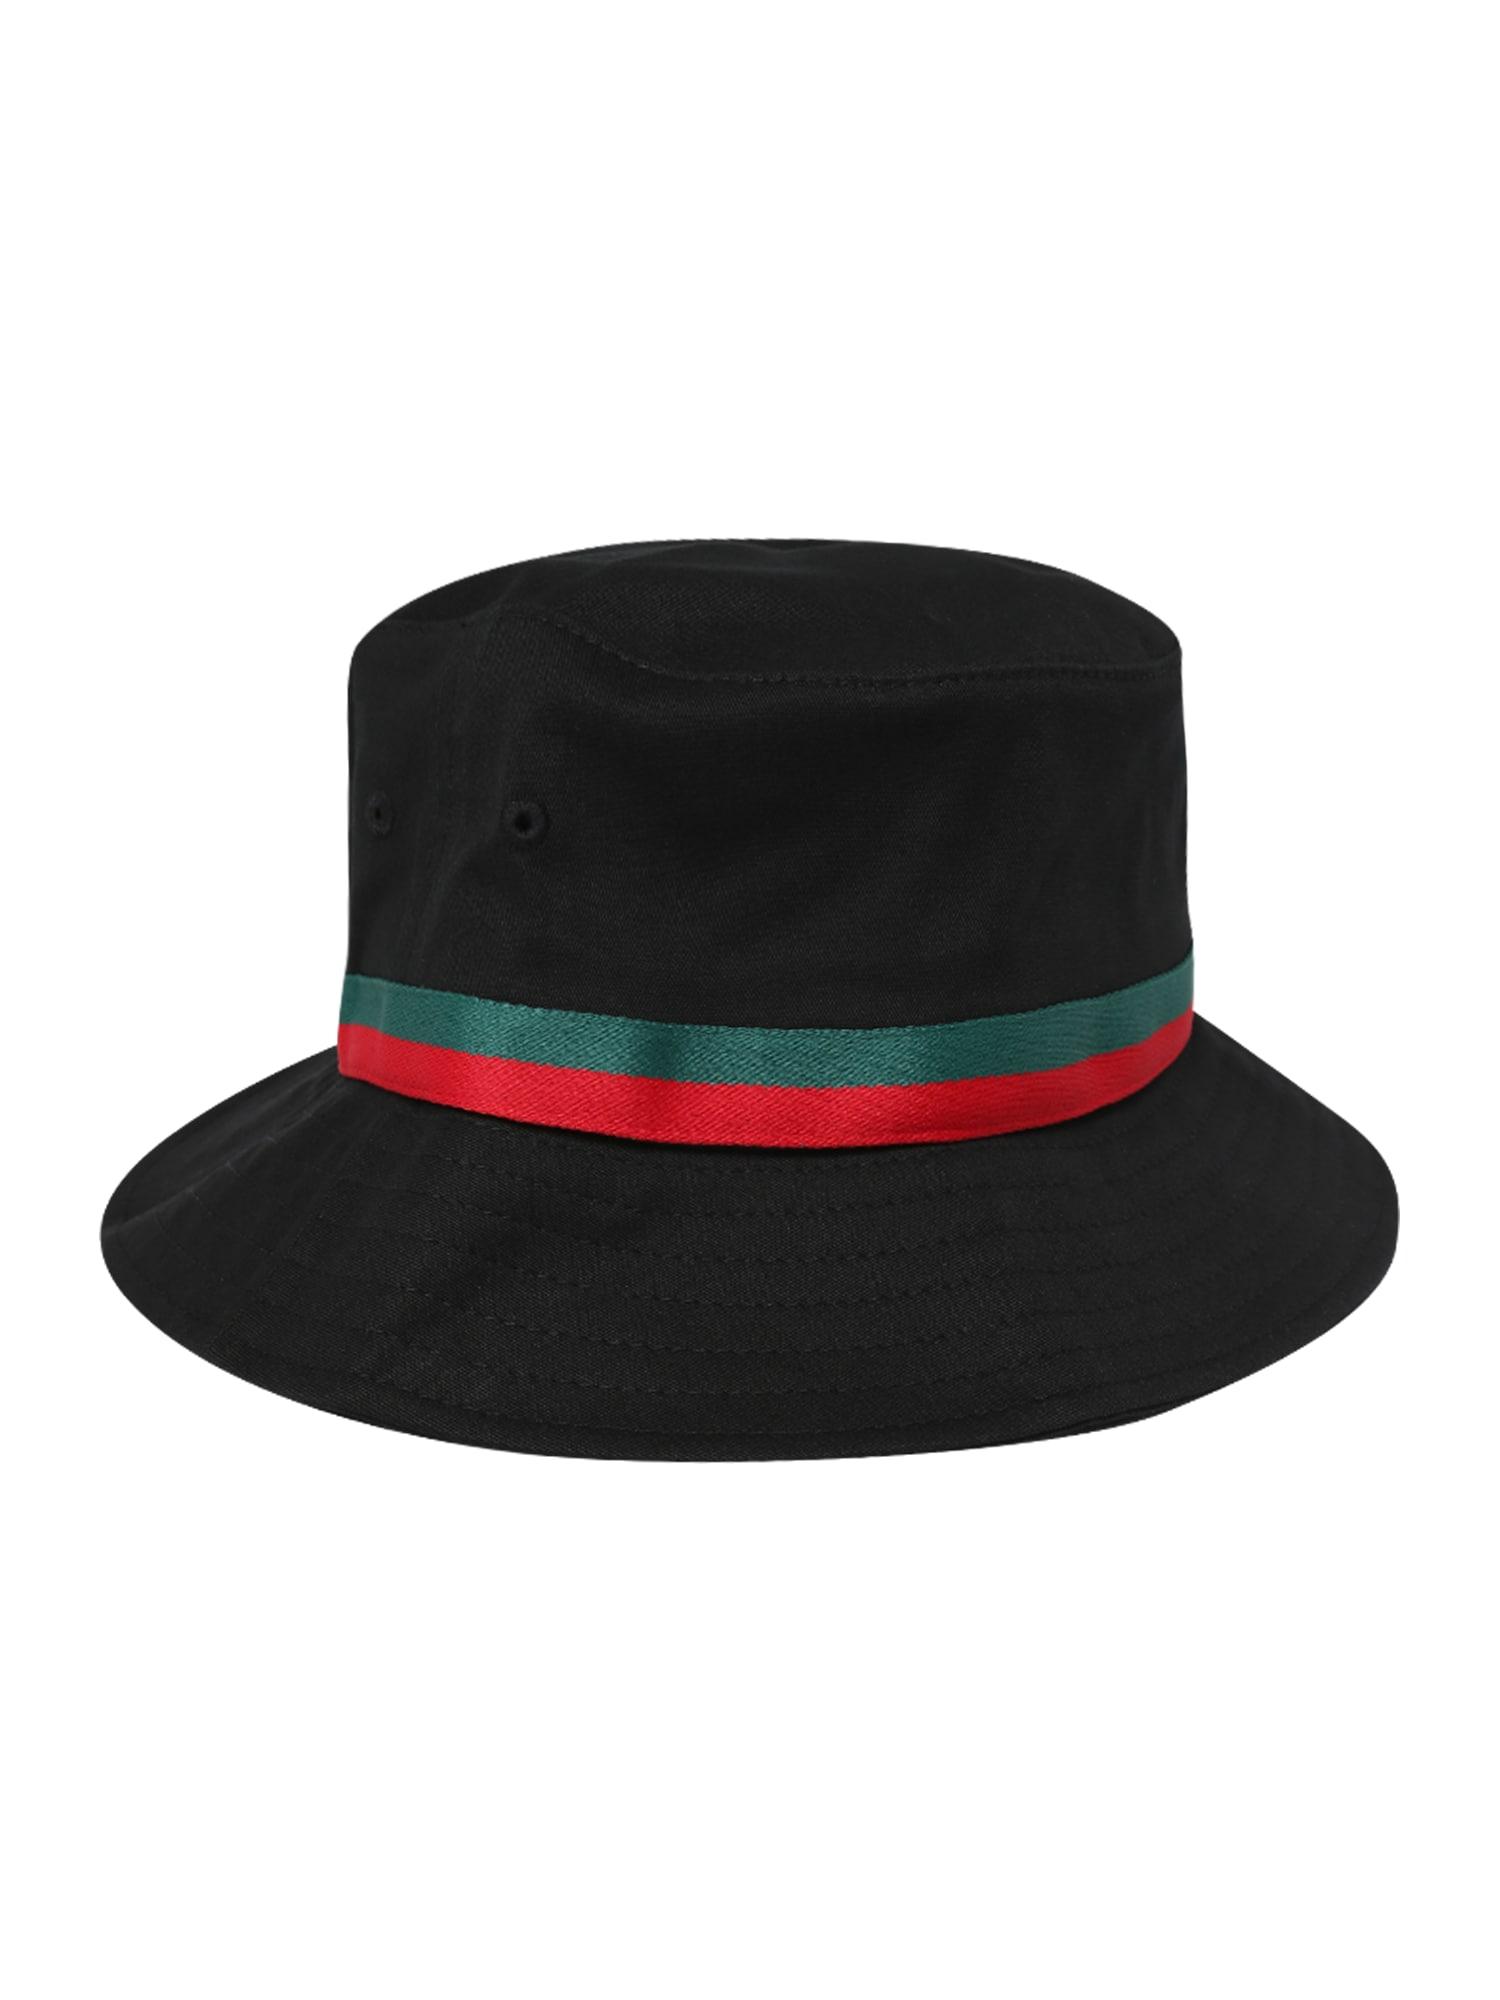 Klobouk Bucket zelená červená černá Flexfit